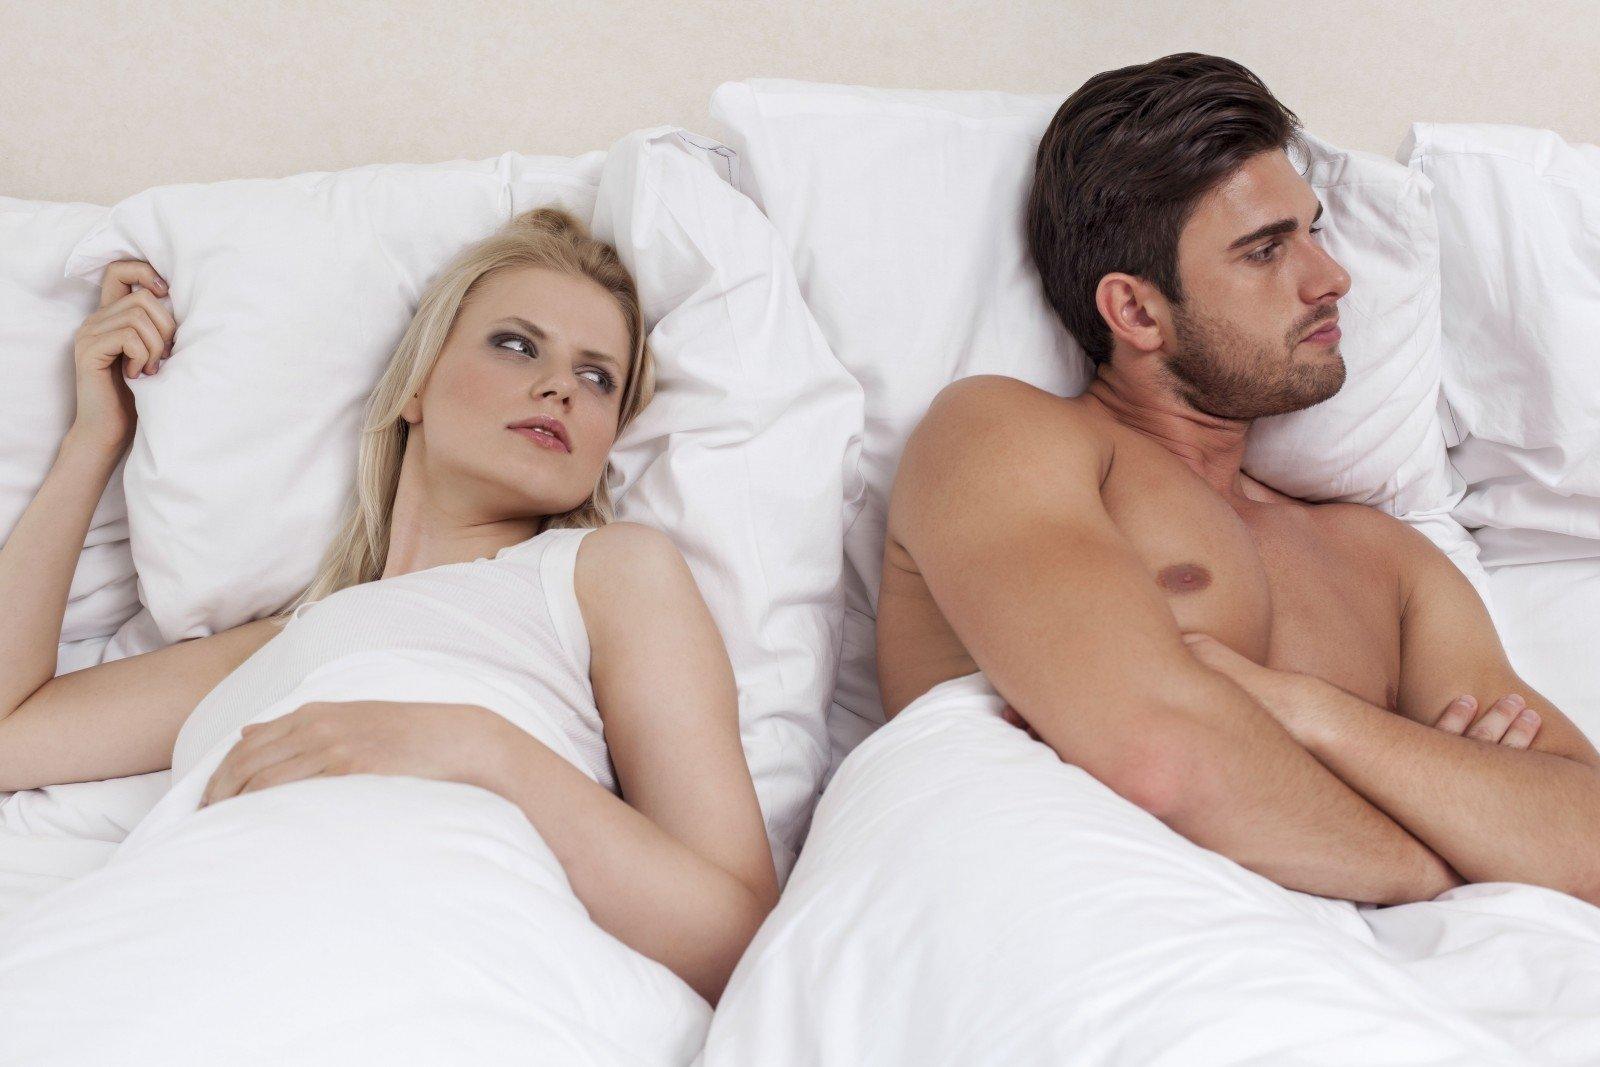 jei lytinio akto metu atsiranda erekcija erekcijos pobūdis